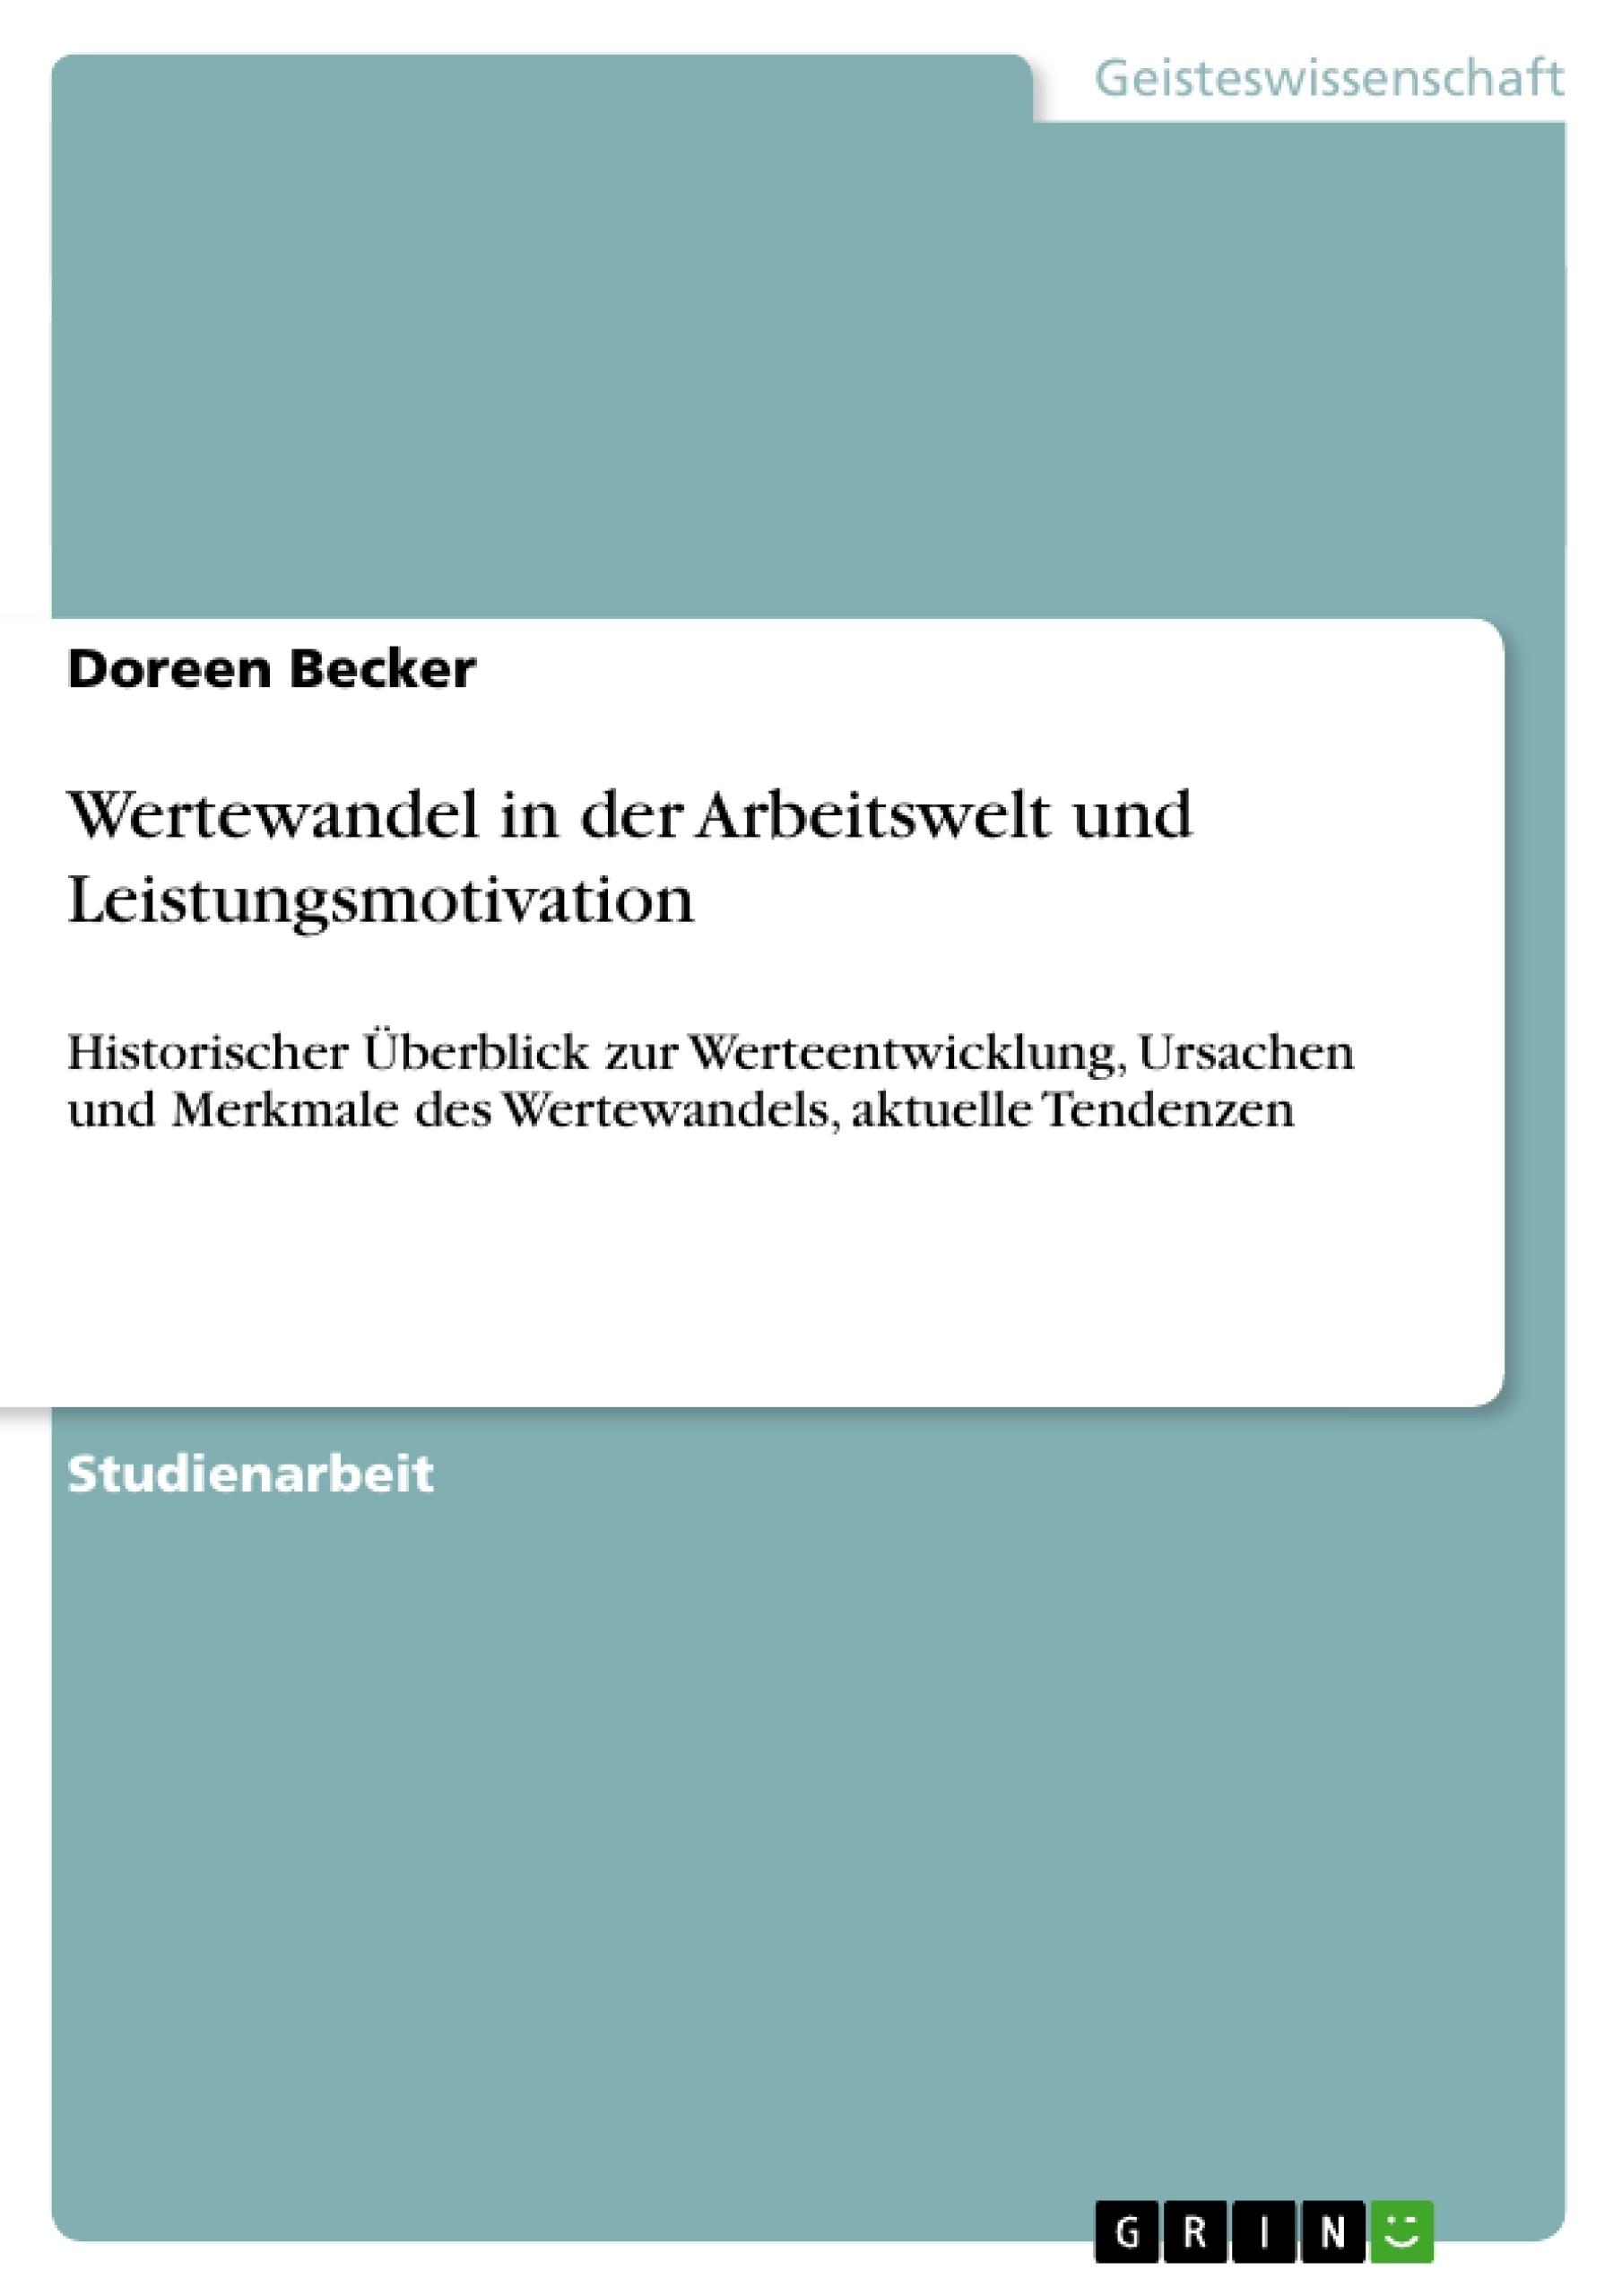 Titel: Wertewandel in der Arbeitswelt und Leistungsmotivation